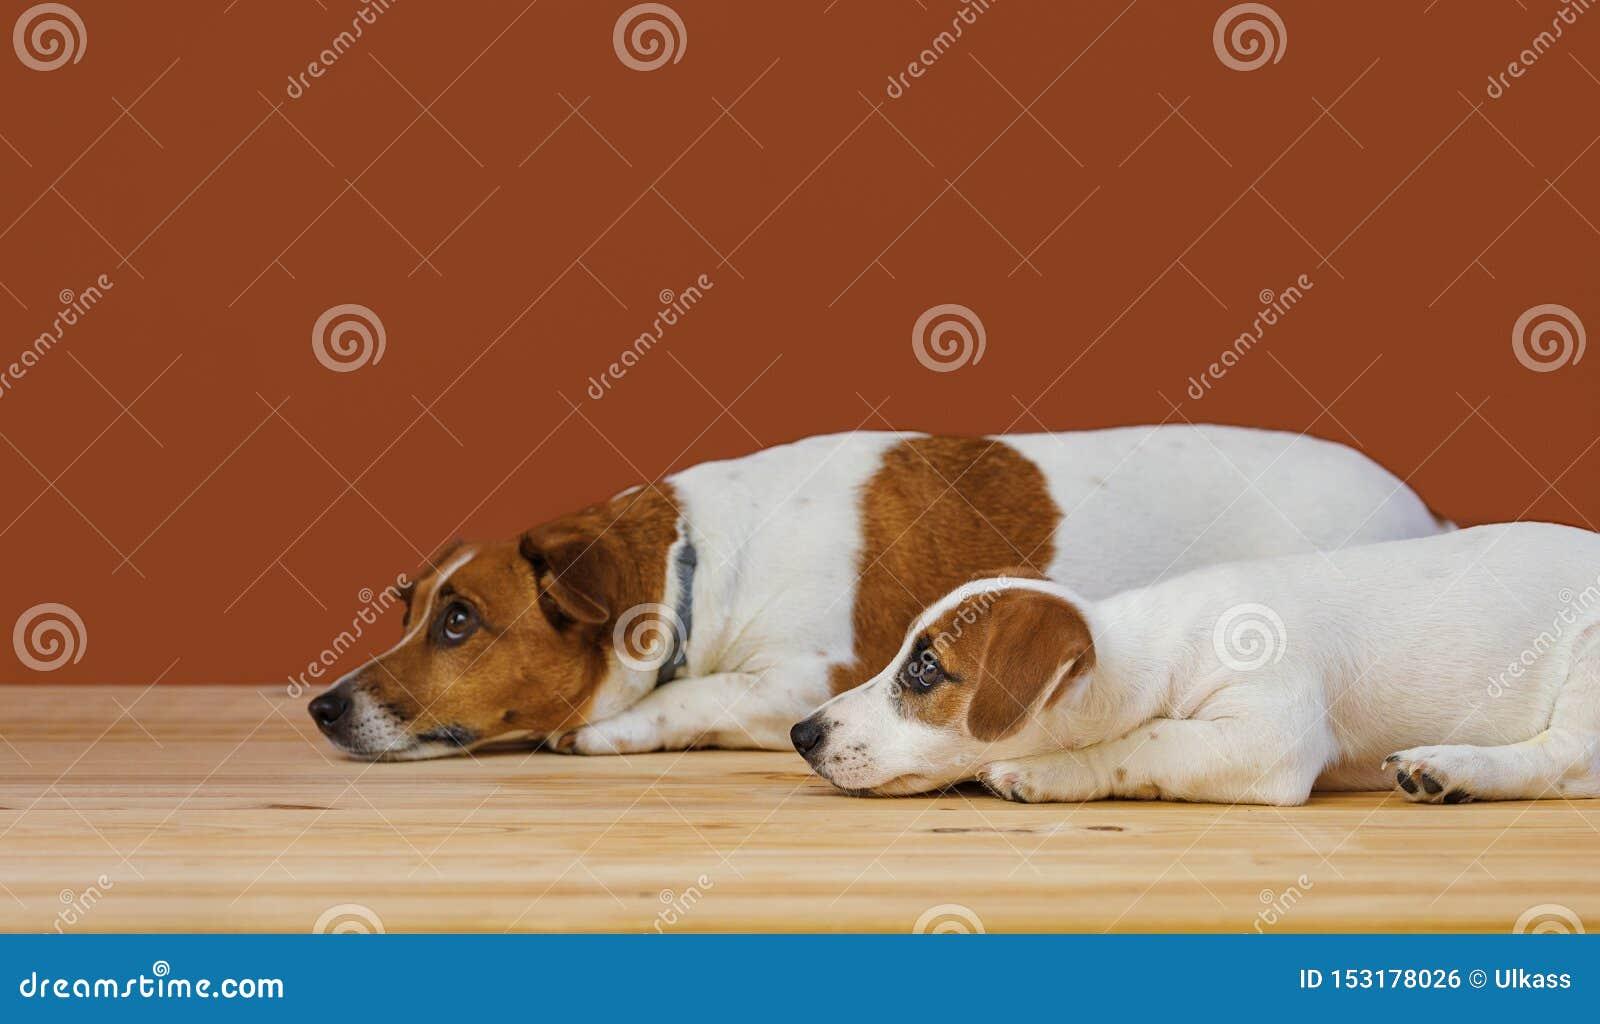 Χαριτωμένη μητέρα και το σκυλί τεριέ γρύλων κουταβιών της russel στον πυροβολισμό στούντιο